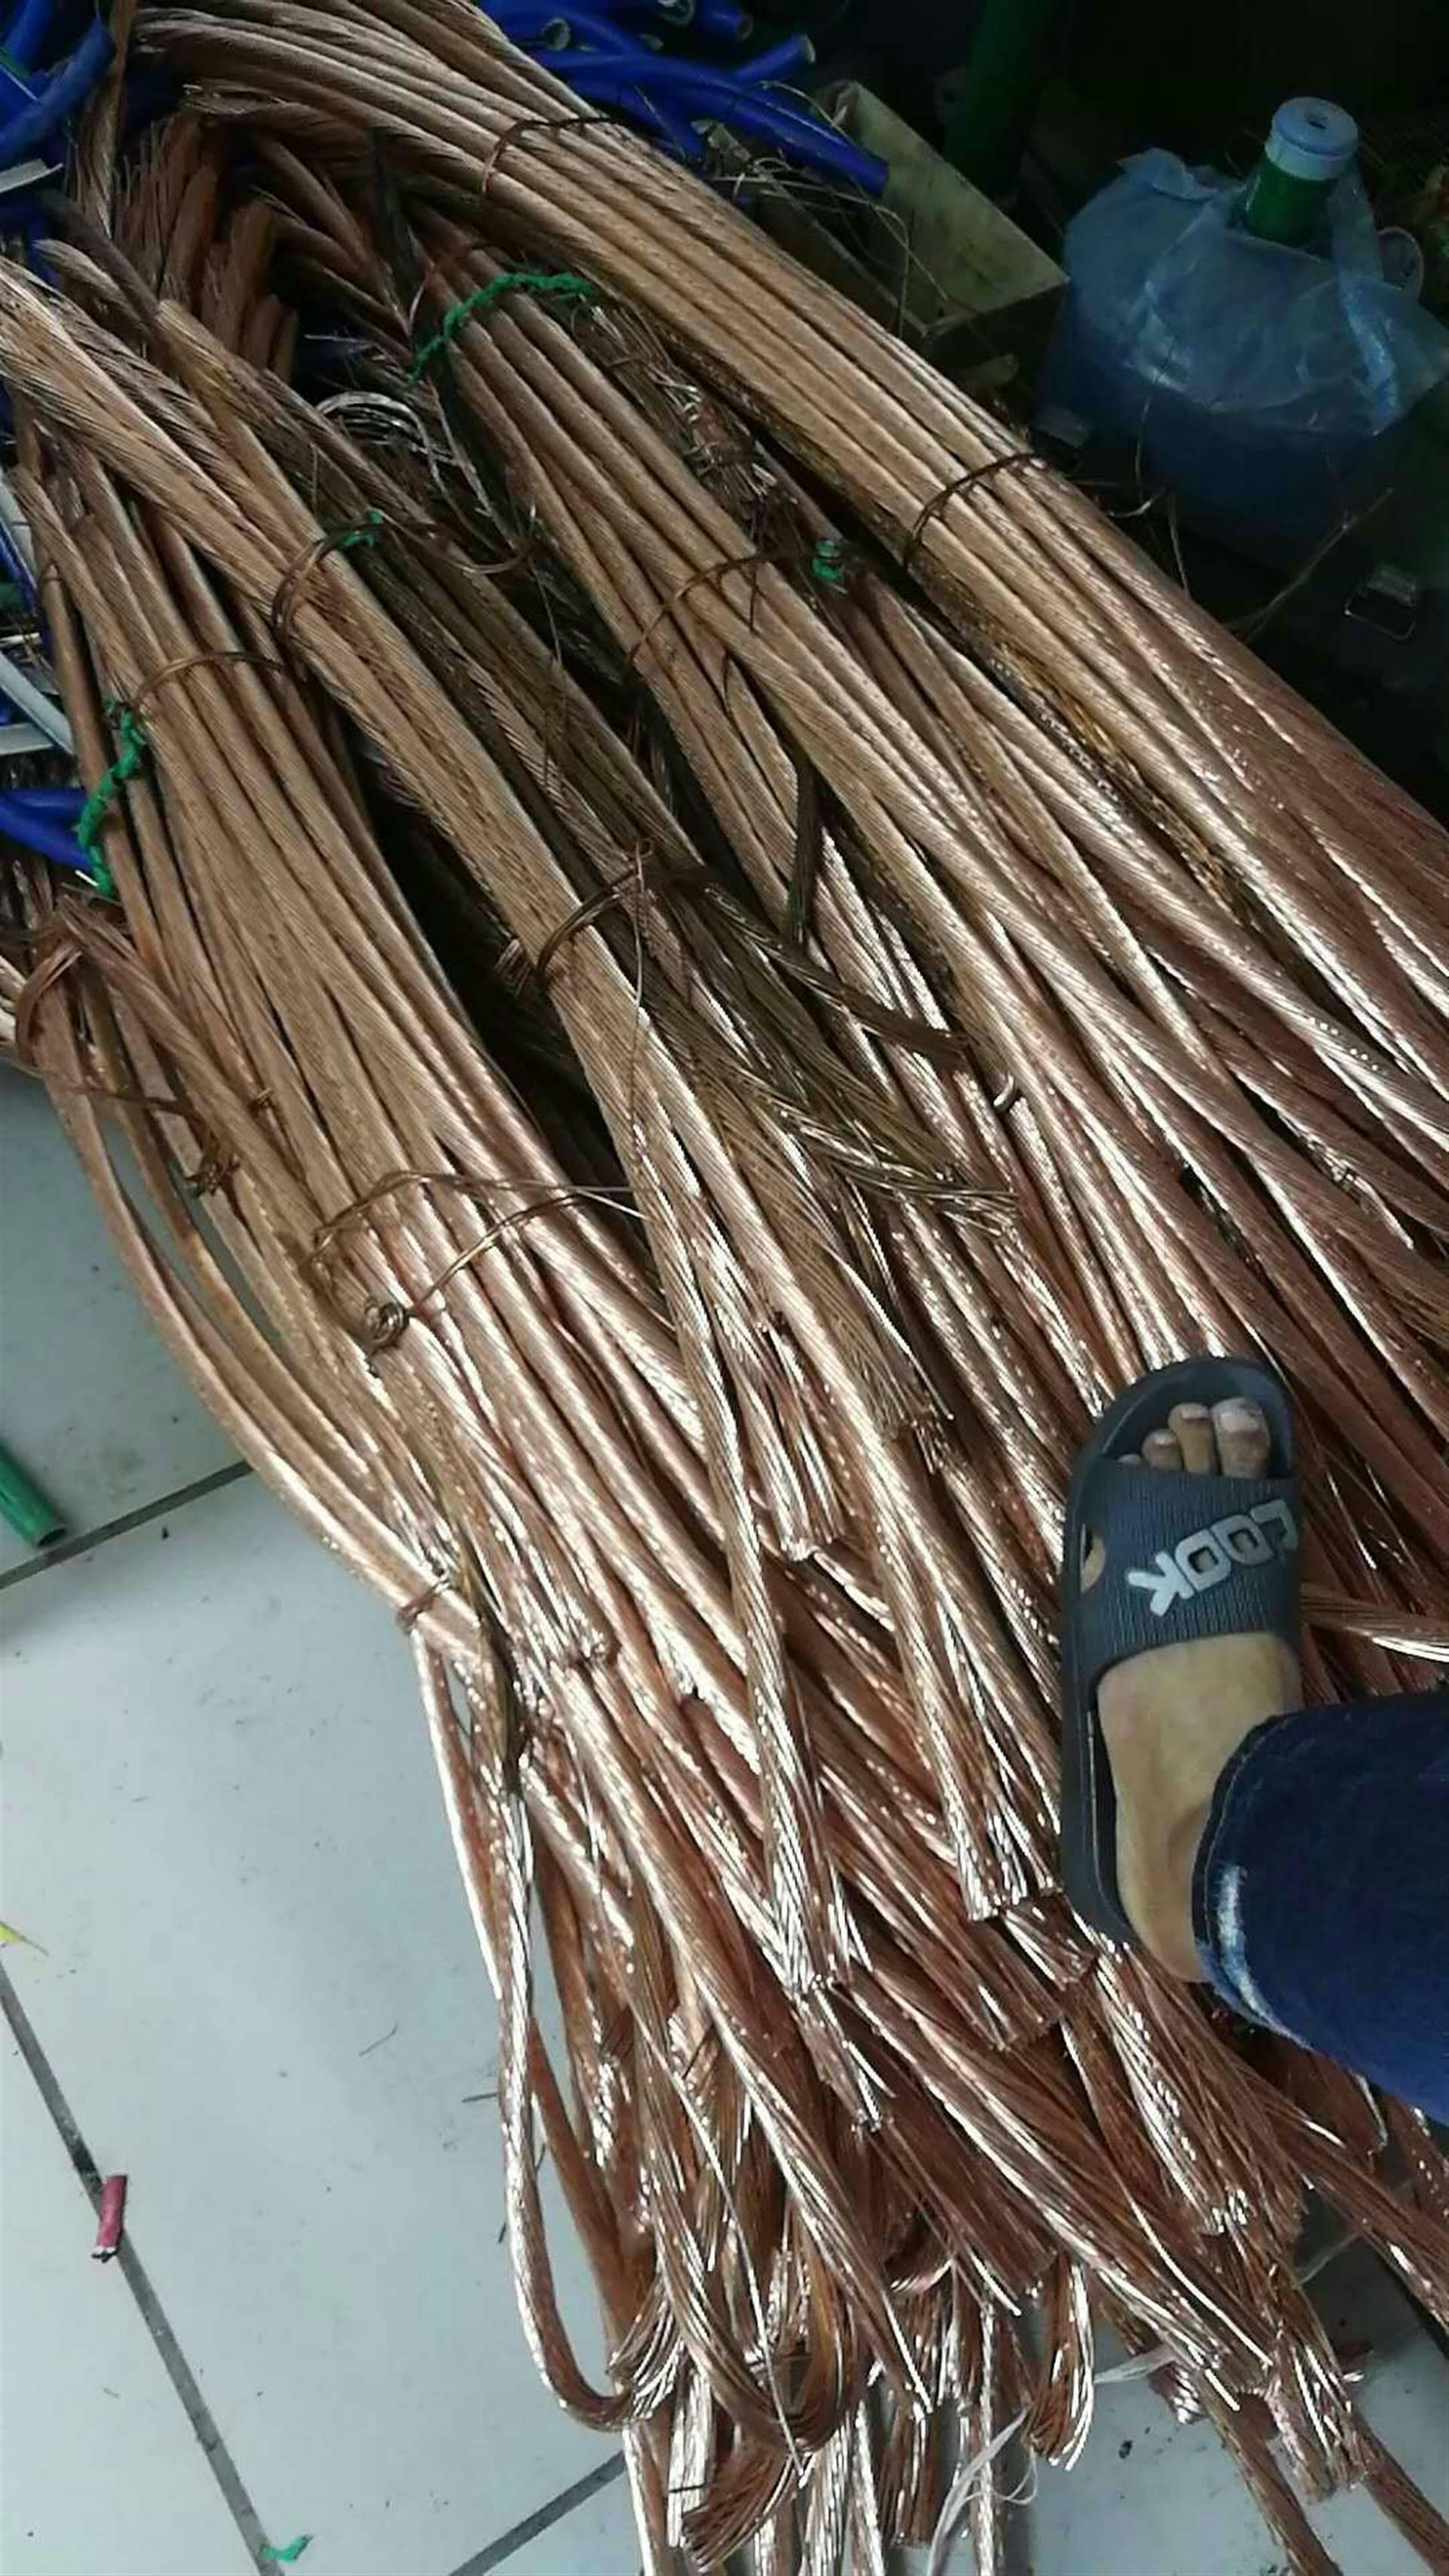 广州废铜回收公司-废铜回收价格,废铜回收报价